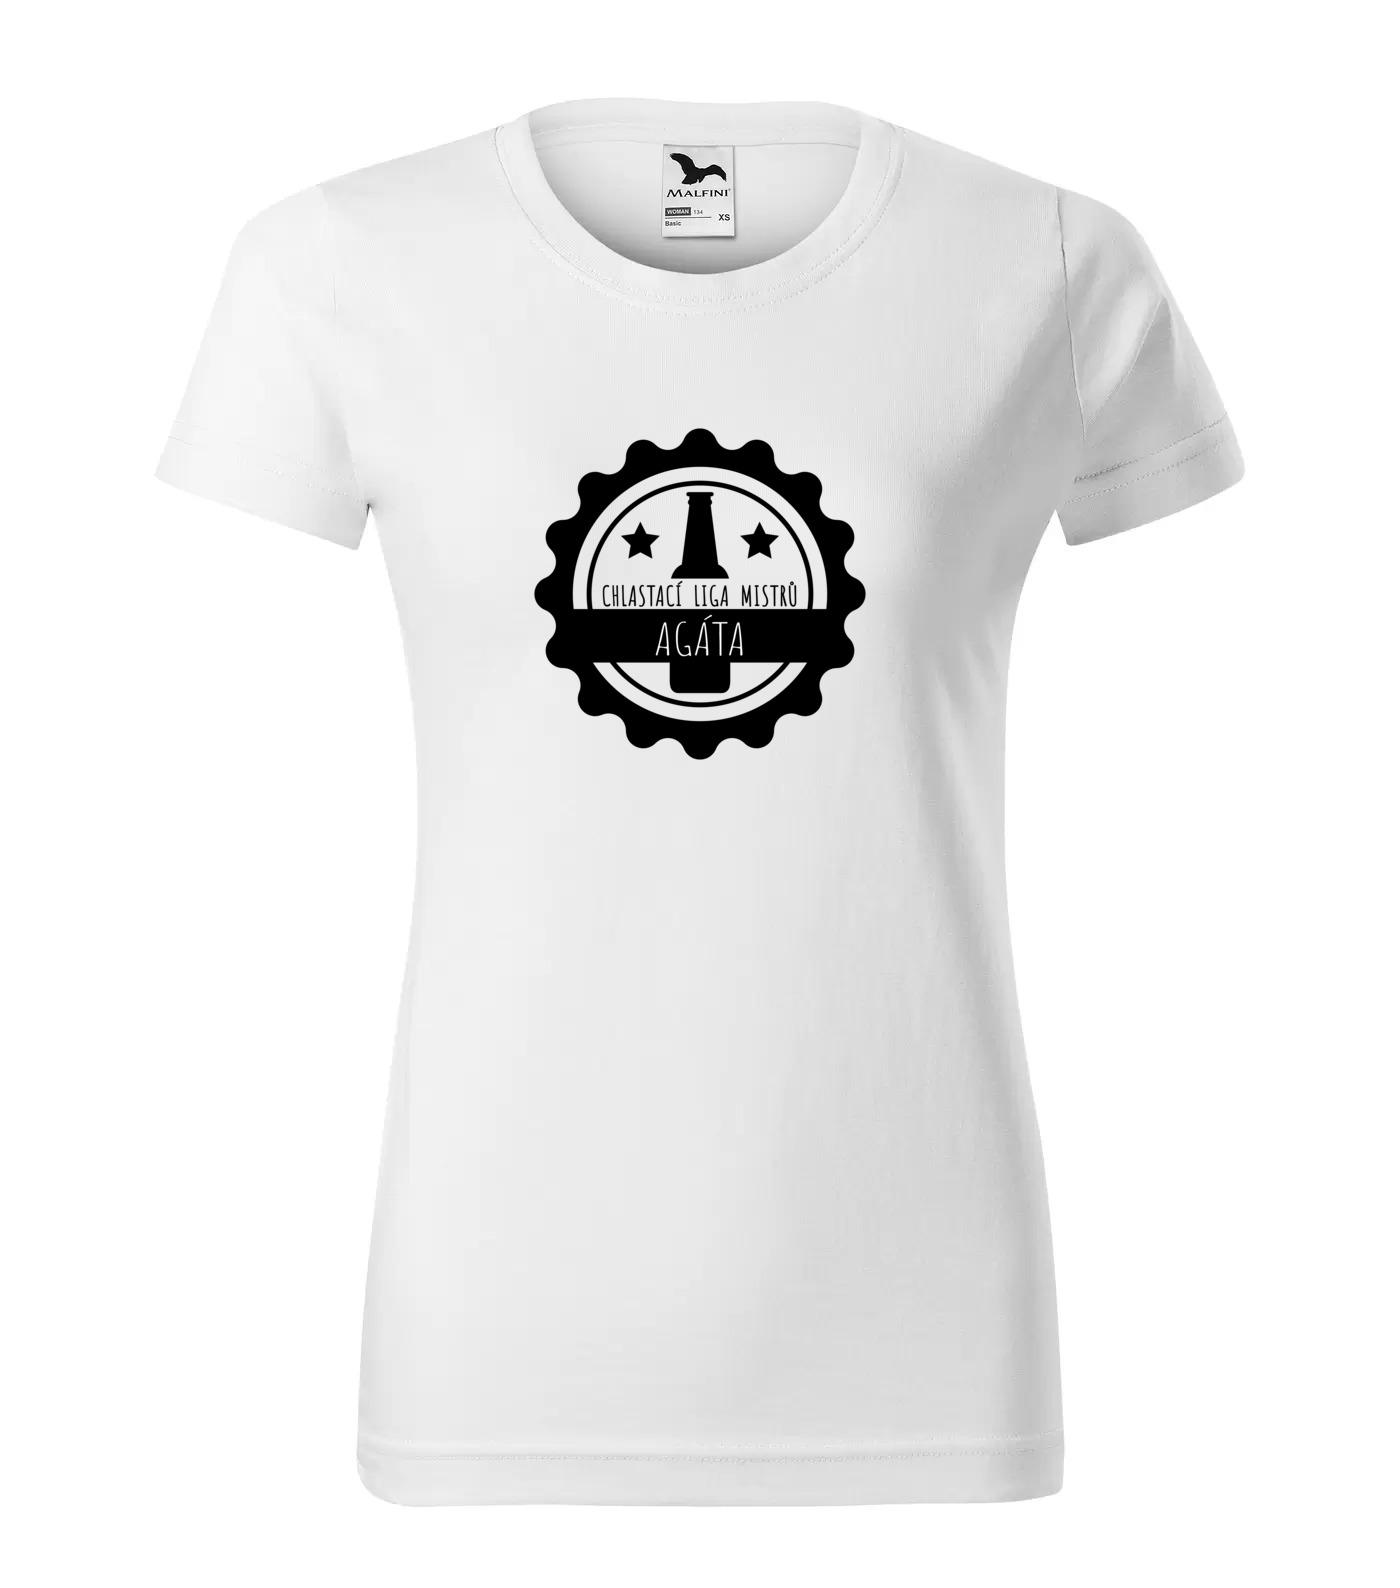 Tričko Chlastací liga žen Agáta